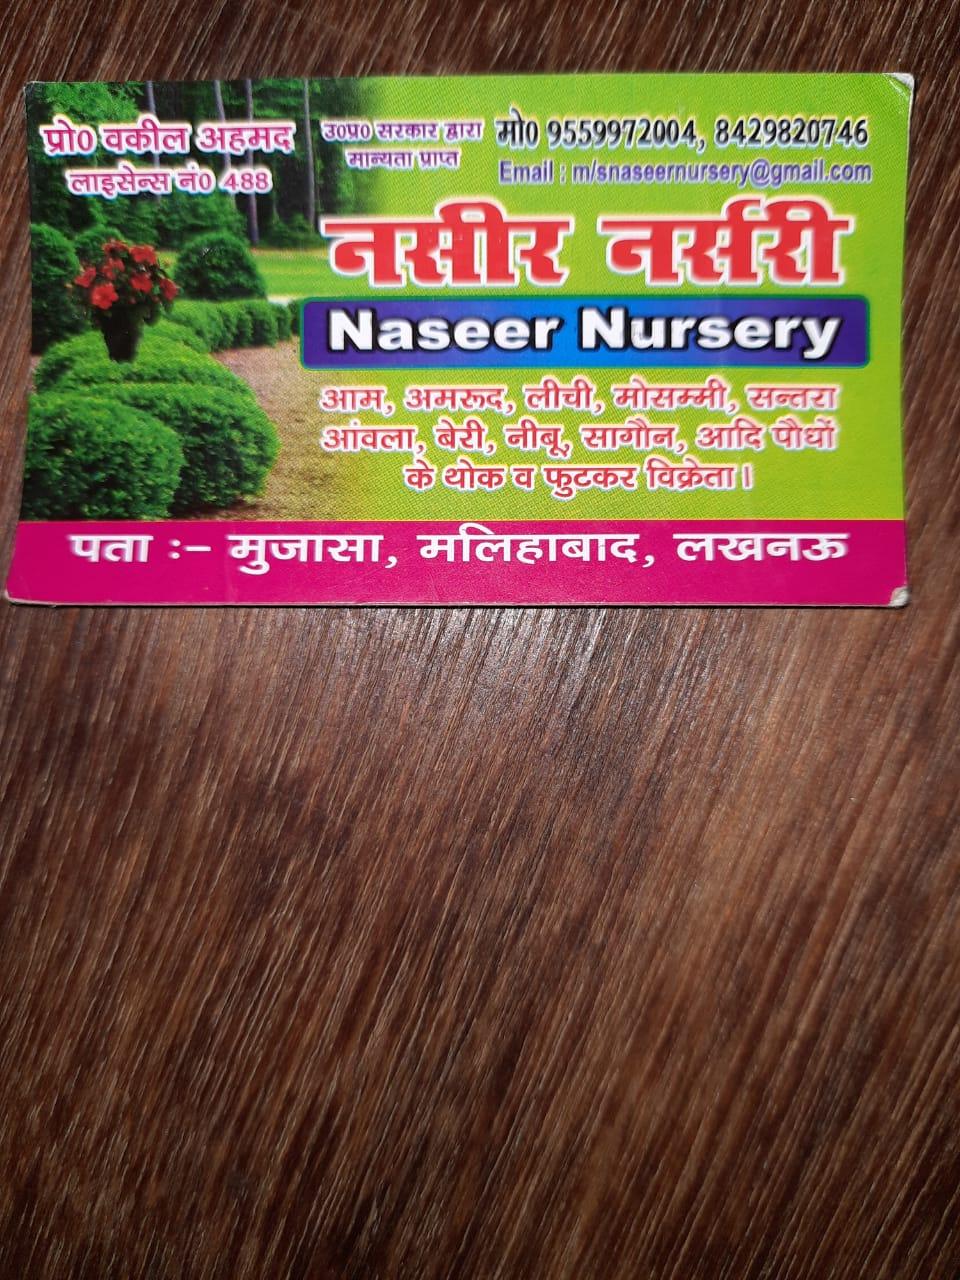 Naseer Nursery